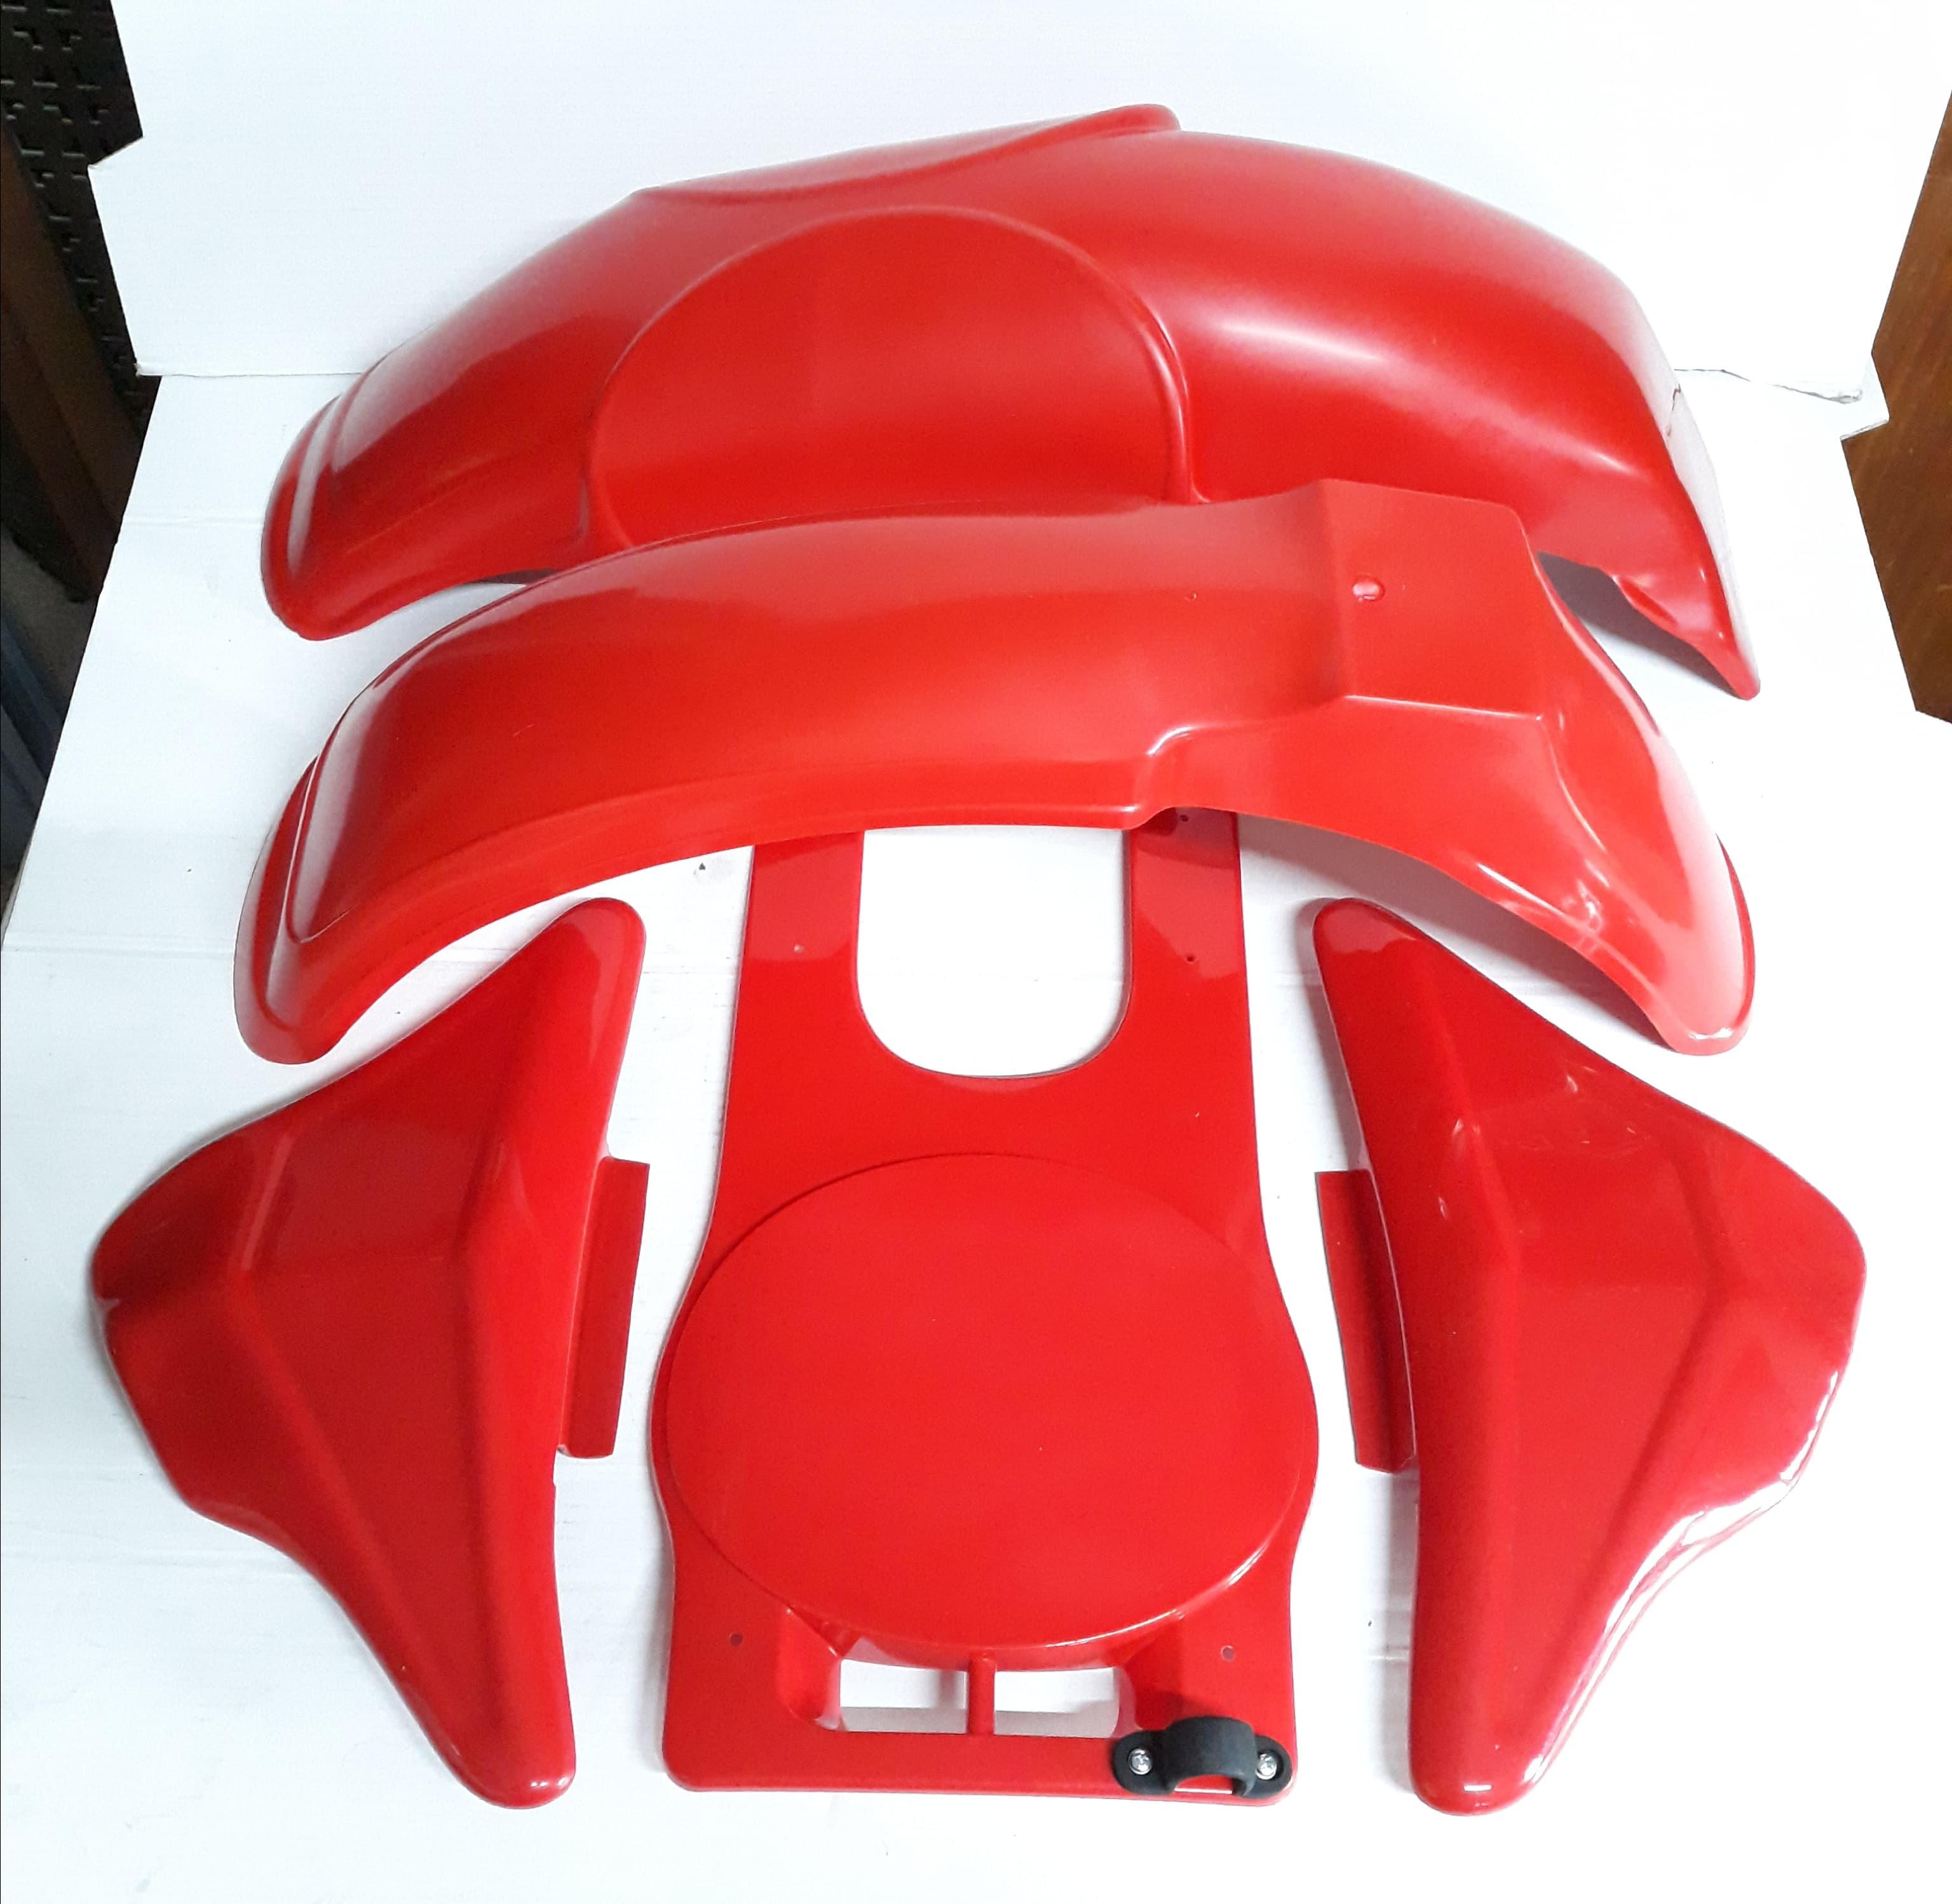 Kit plastiche beta cr 250 1980-1981